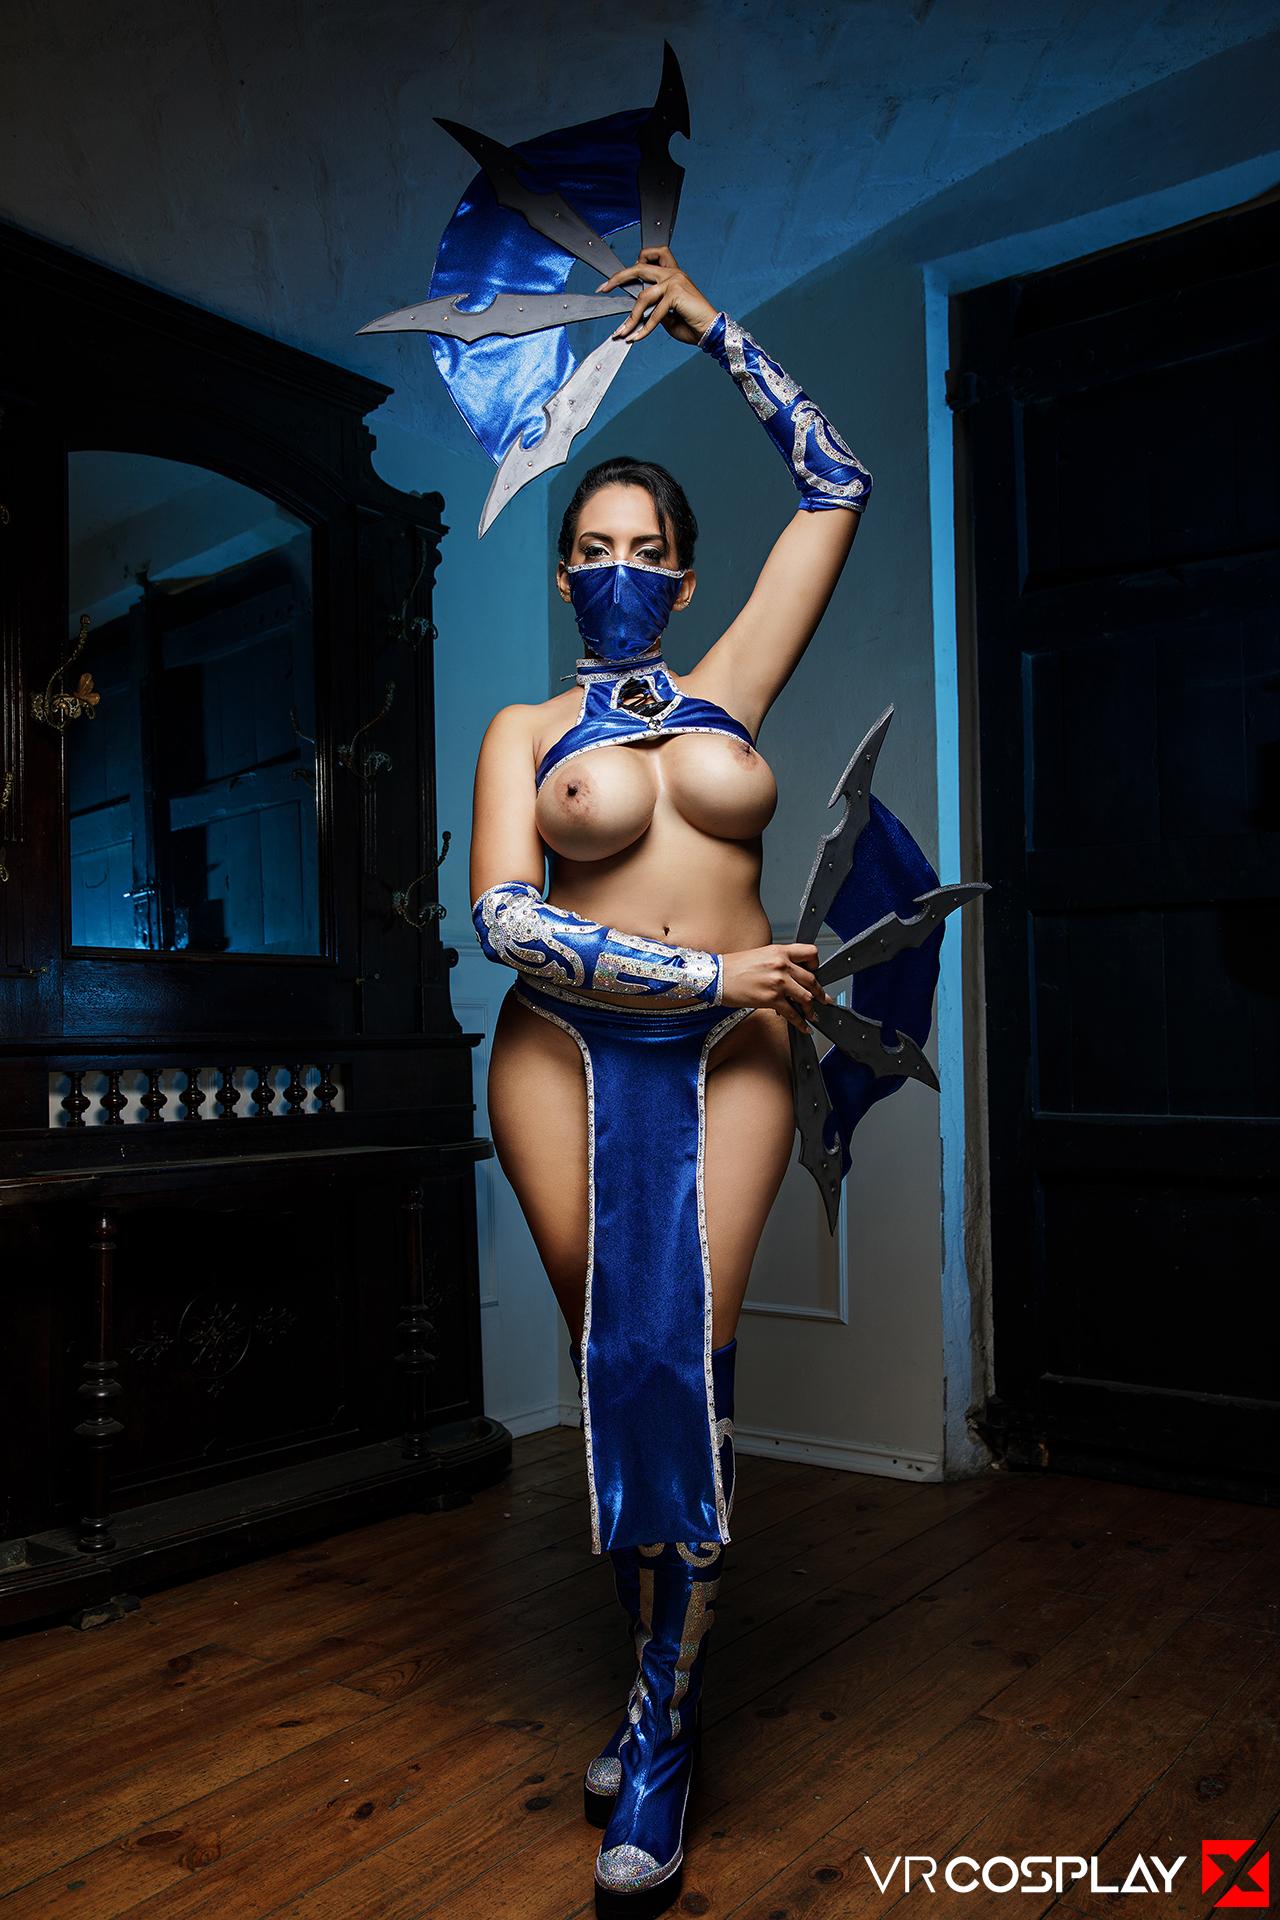 Vr porn katrina jade fucks pov in mustang on badoinkvr - 3 part 4